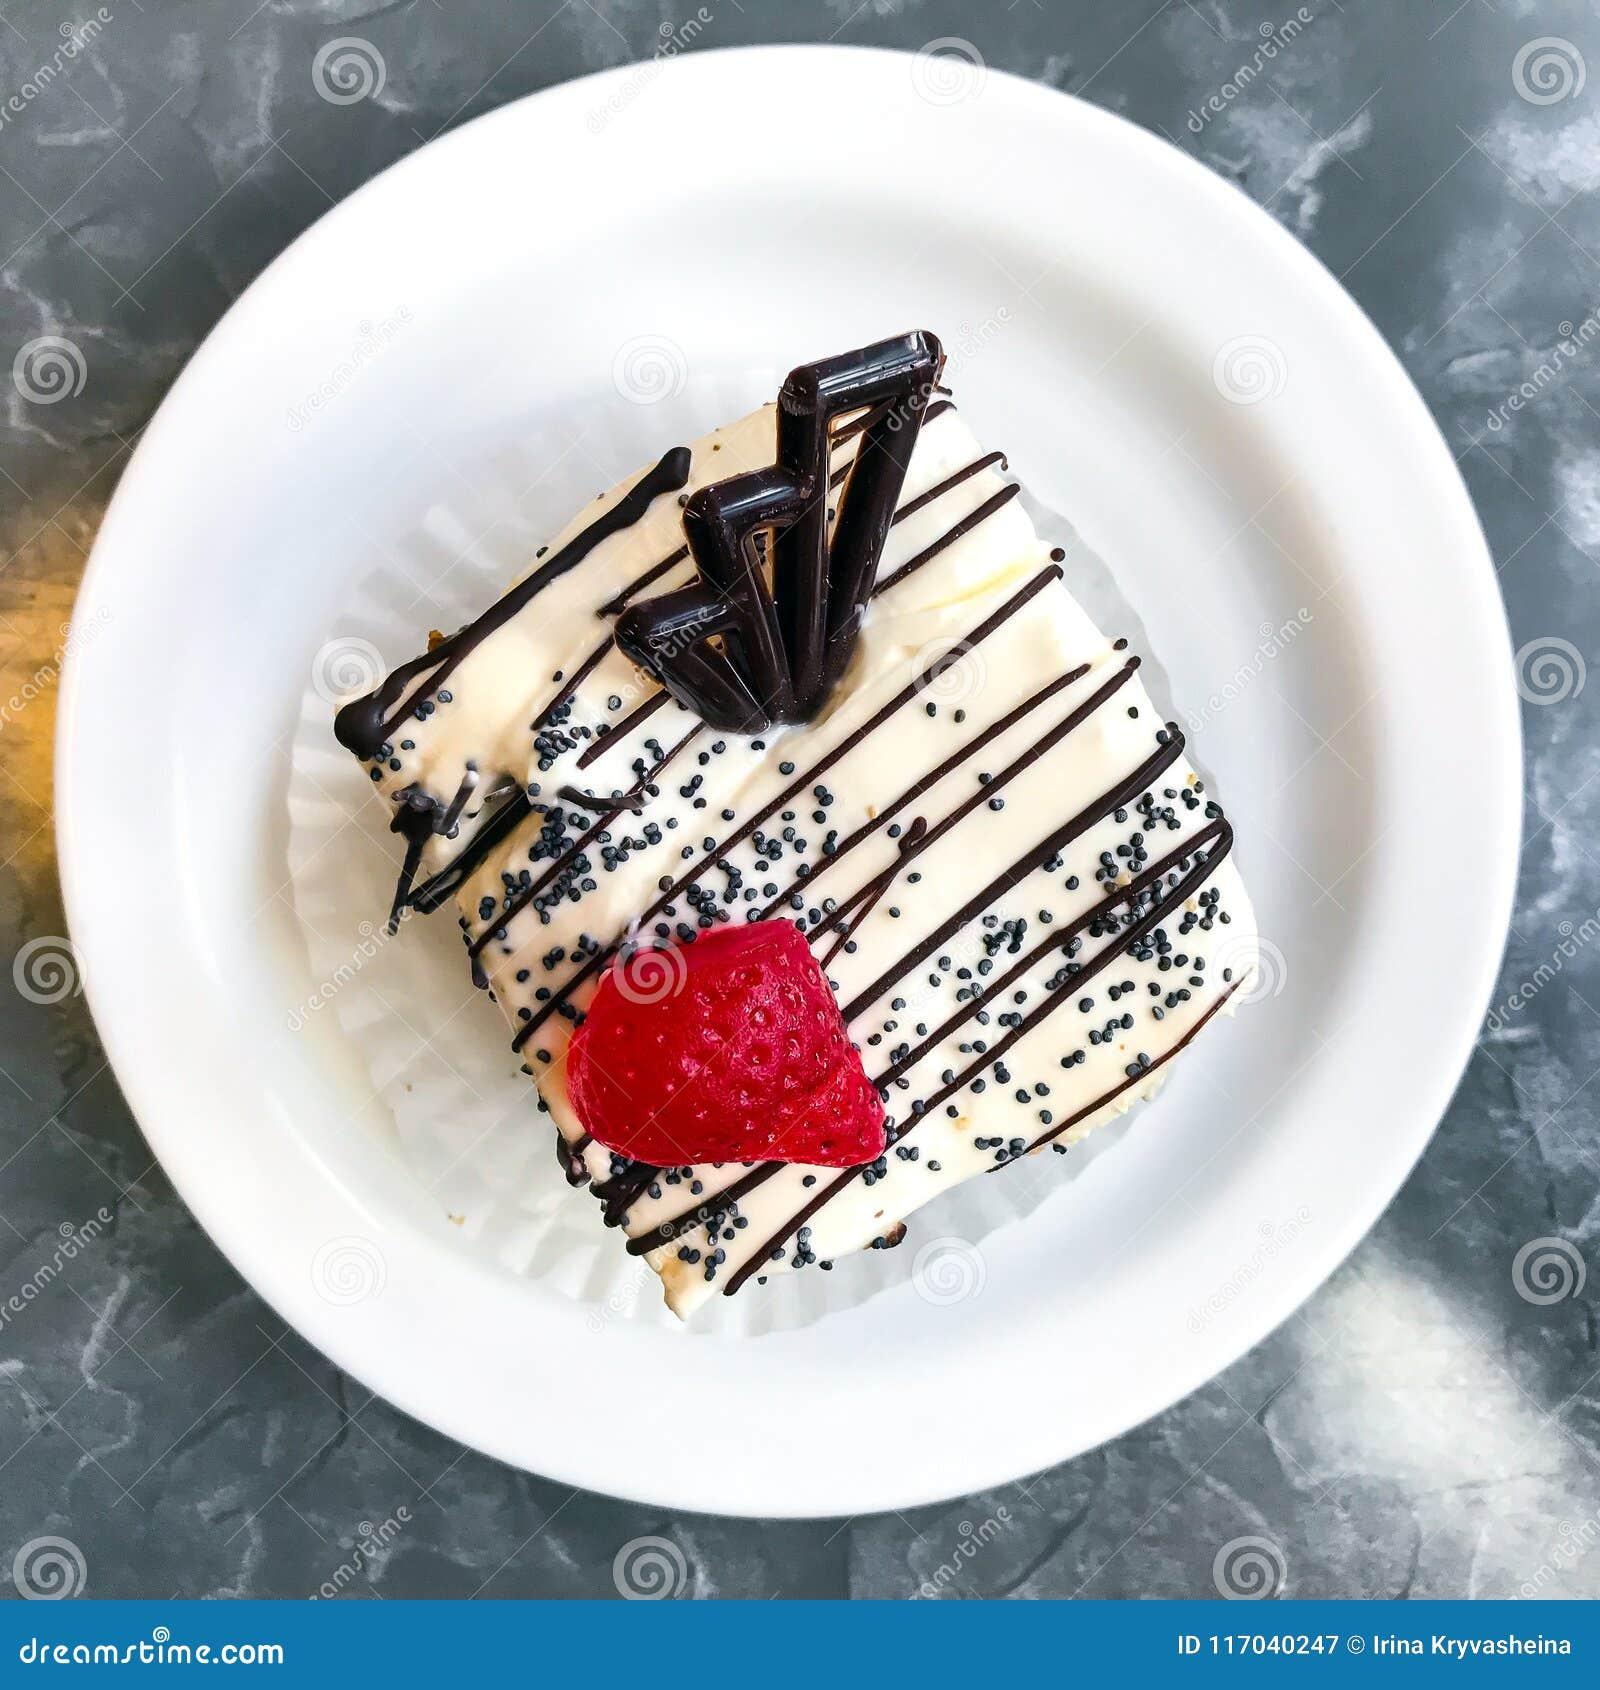 Torta dulce, postre con crema y semillas de amapola, café